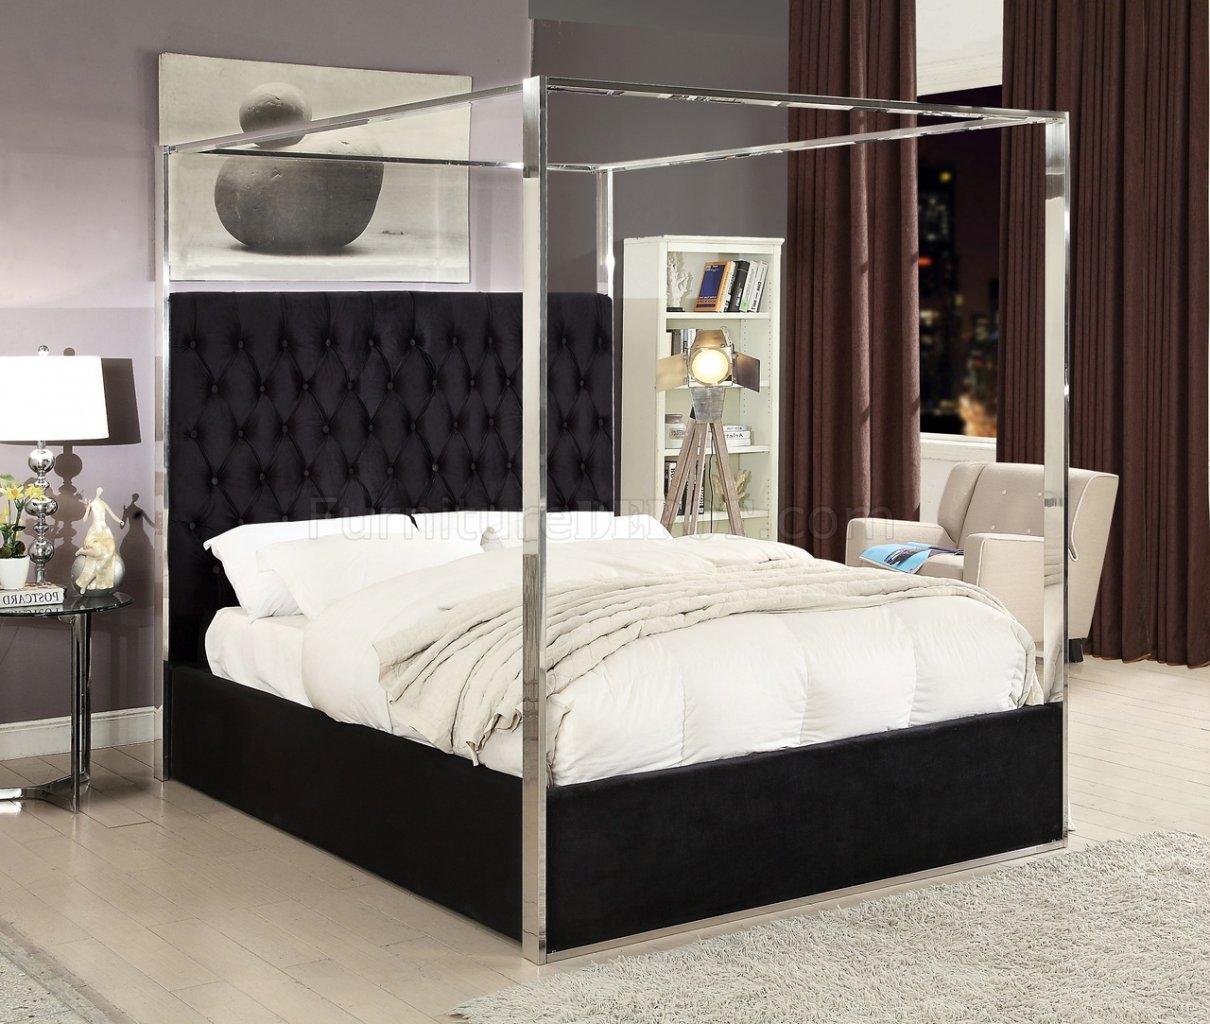 porter upholstered bed in black velvet fabric by meridian. Black Bedroom Furniture Sets. Home Design Ideas